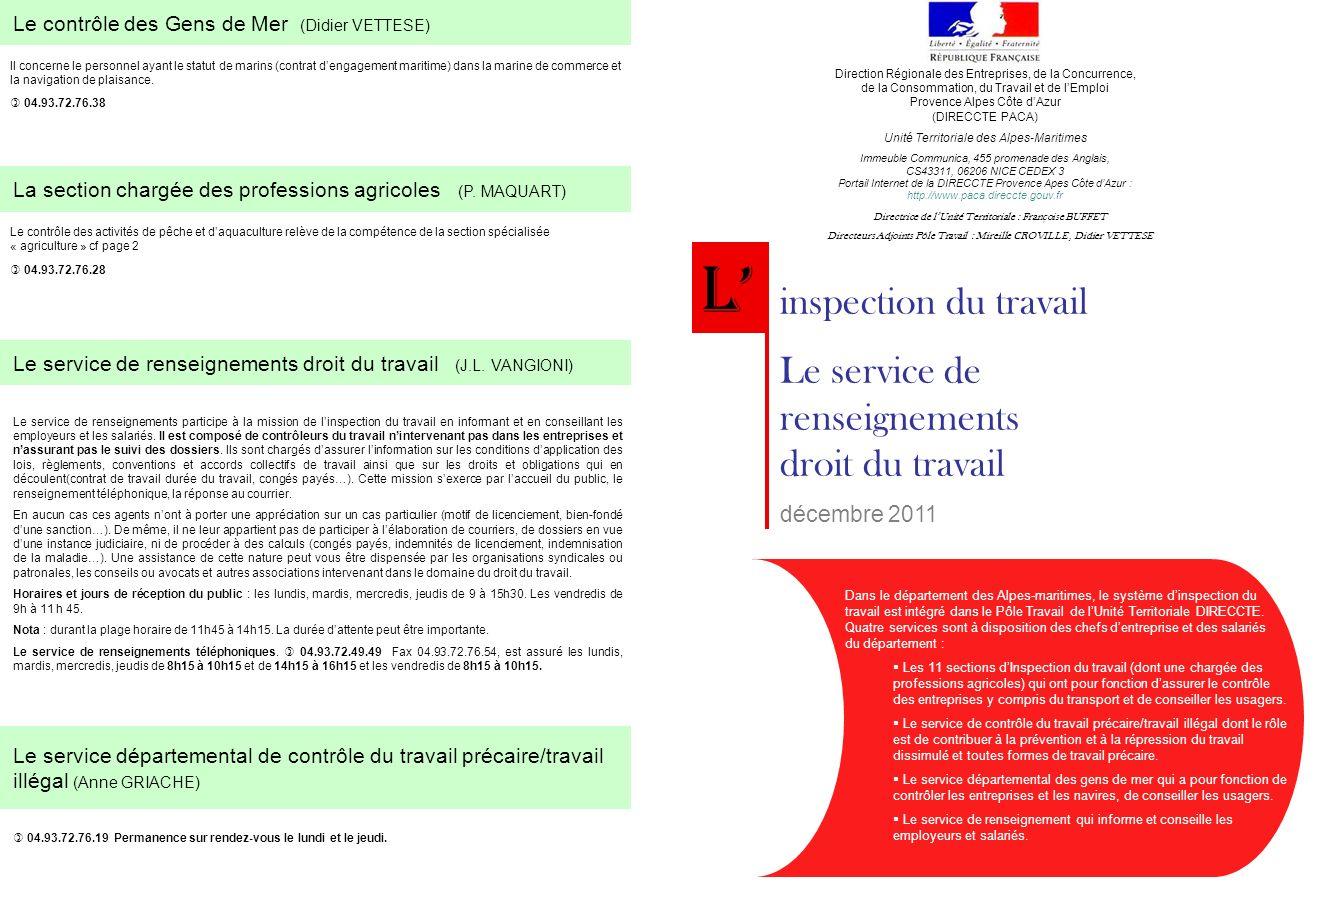 Le service de renseignements droit du travail (J.L. VANGIONI) Le service de renseignements participe à la mission de linspection du travail en informa